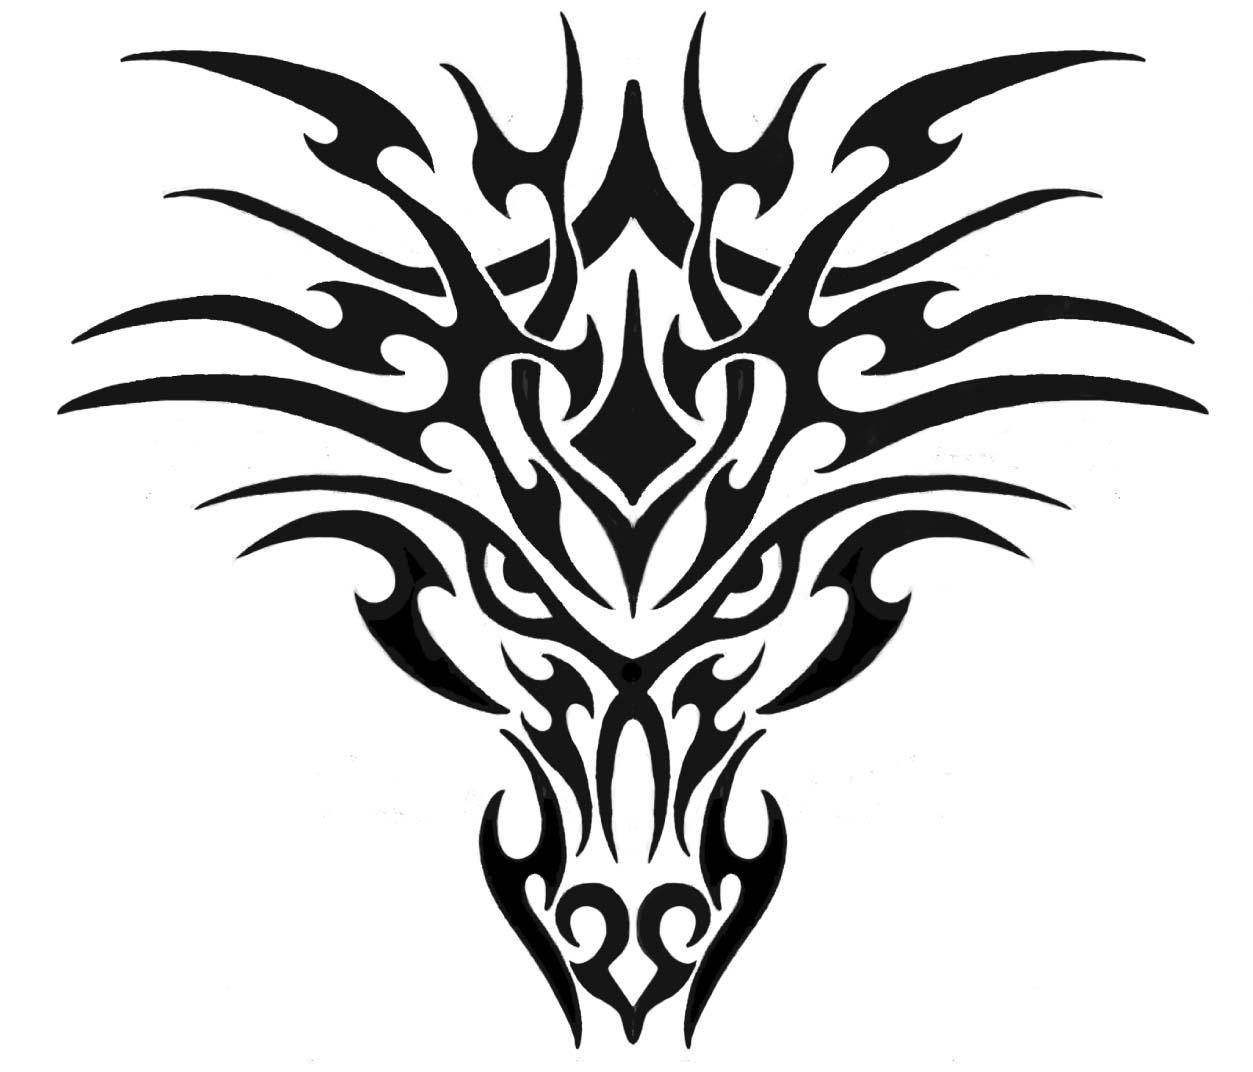 Tattootopblog: Tattoo Tribals Tats